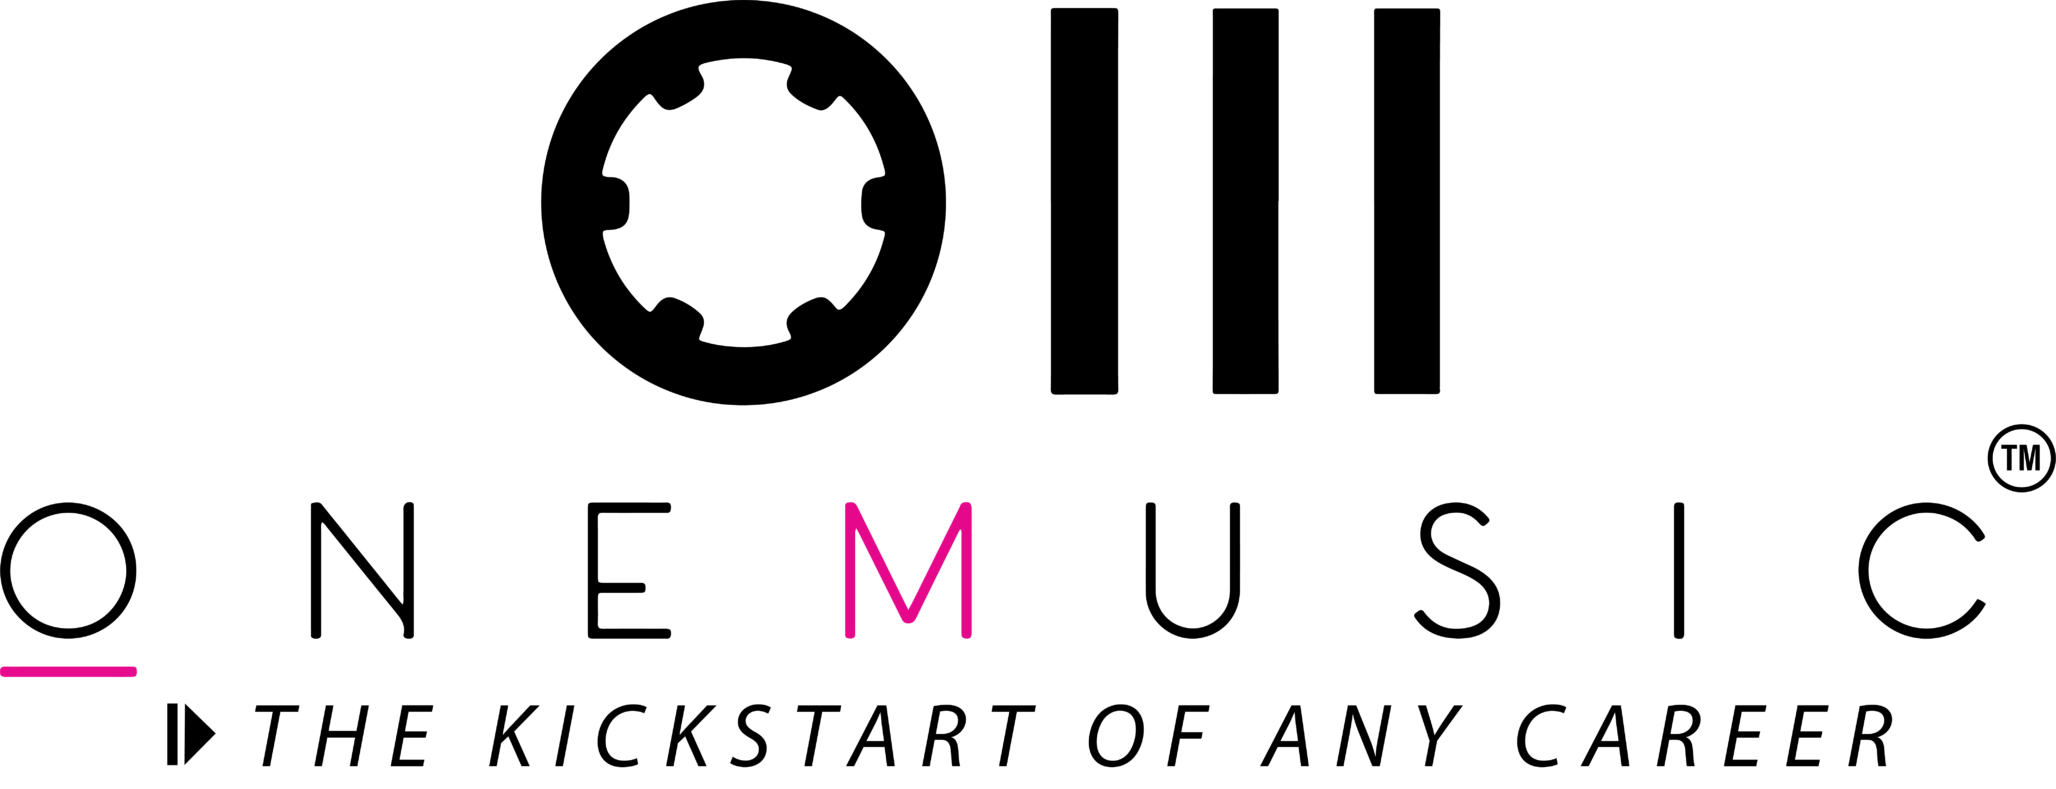 logo de l'école de musique avec slogan sur le fait que la discipline du l'école renforce les musiciens